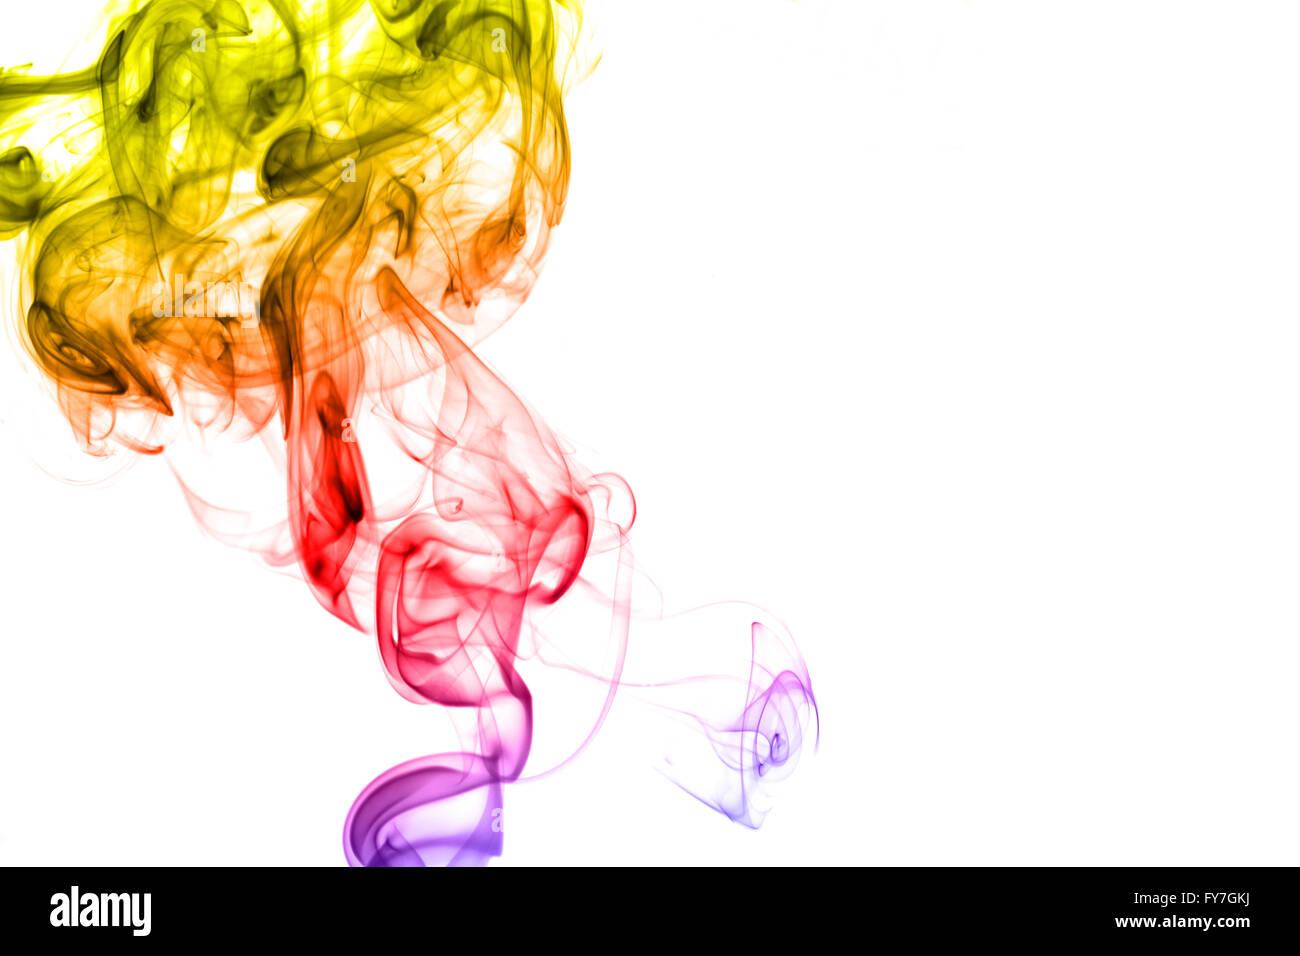 La fumée arc-en-ciel isolé sur fond blanc Photo Stock